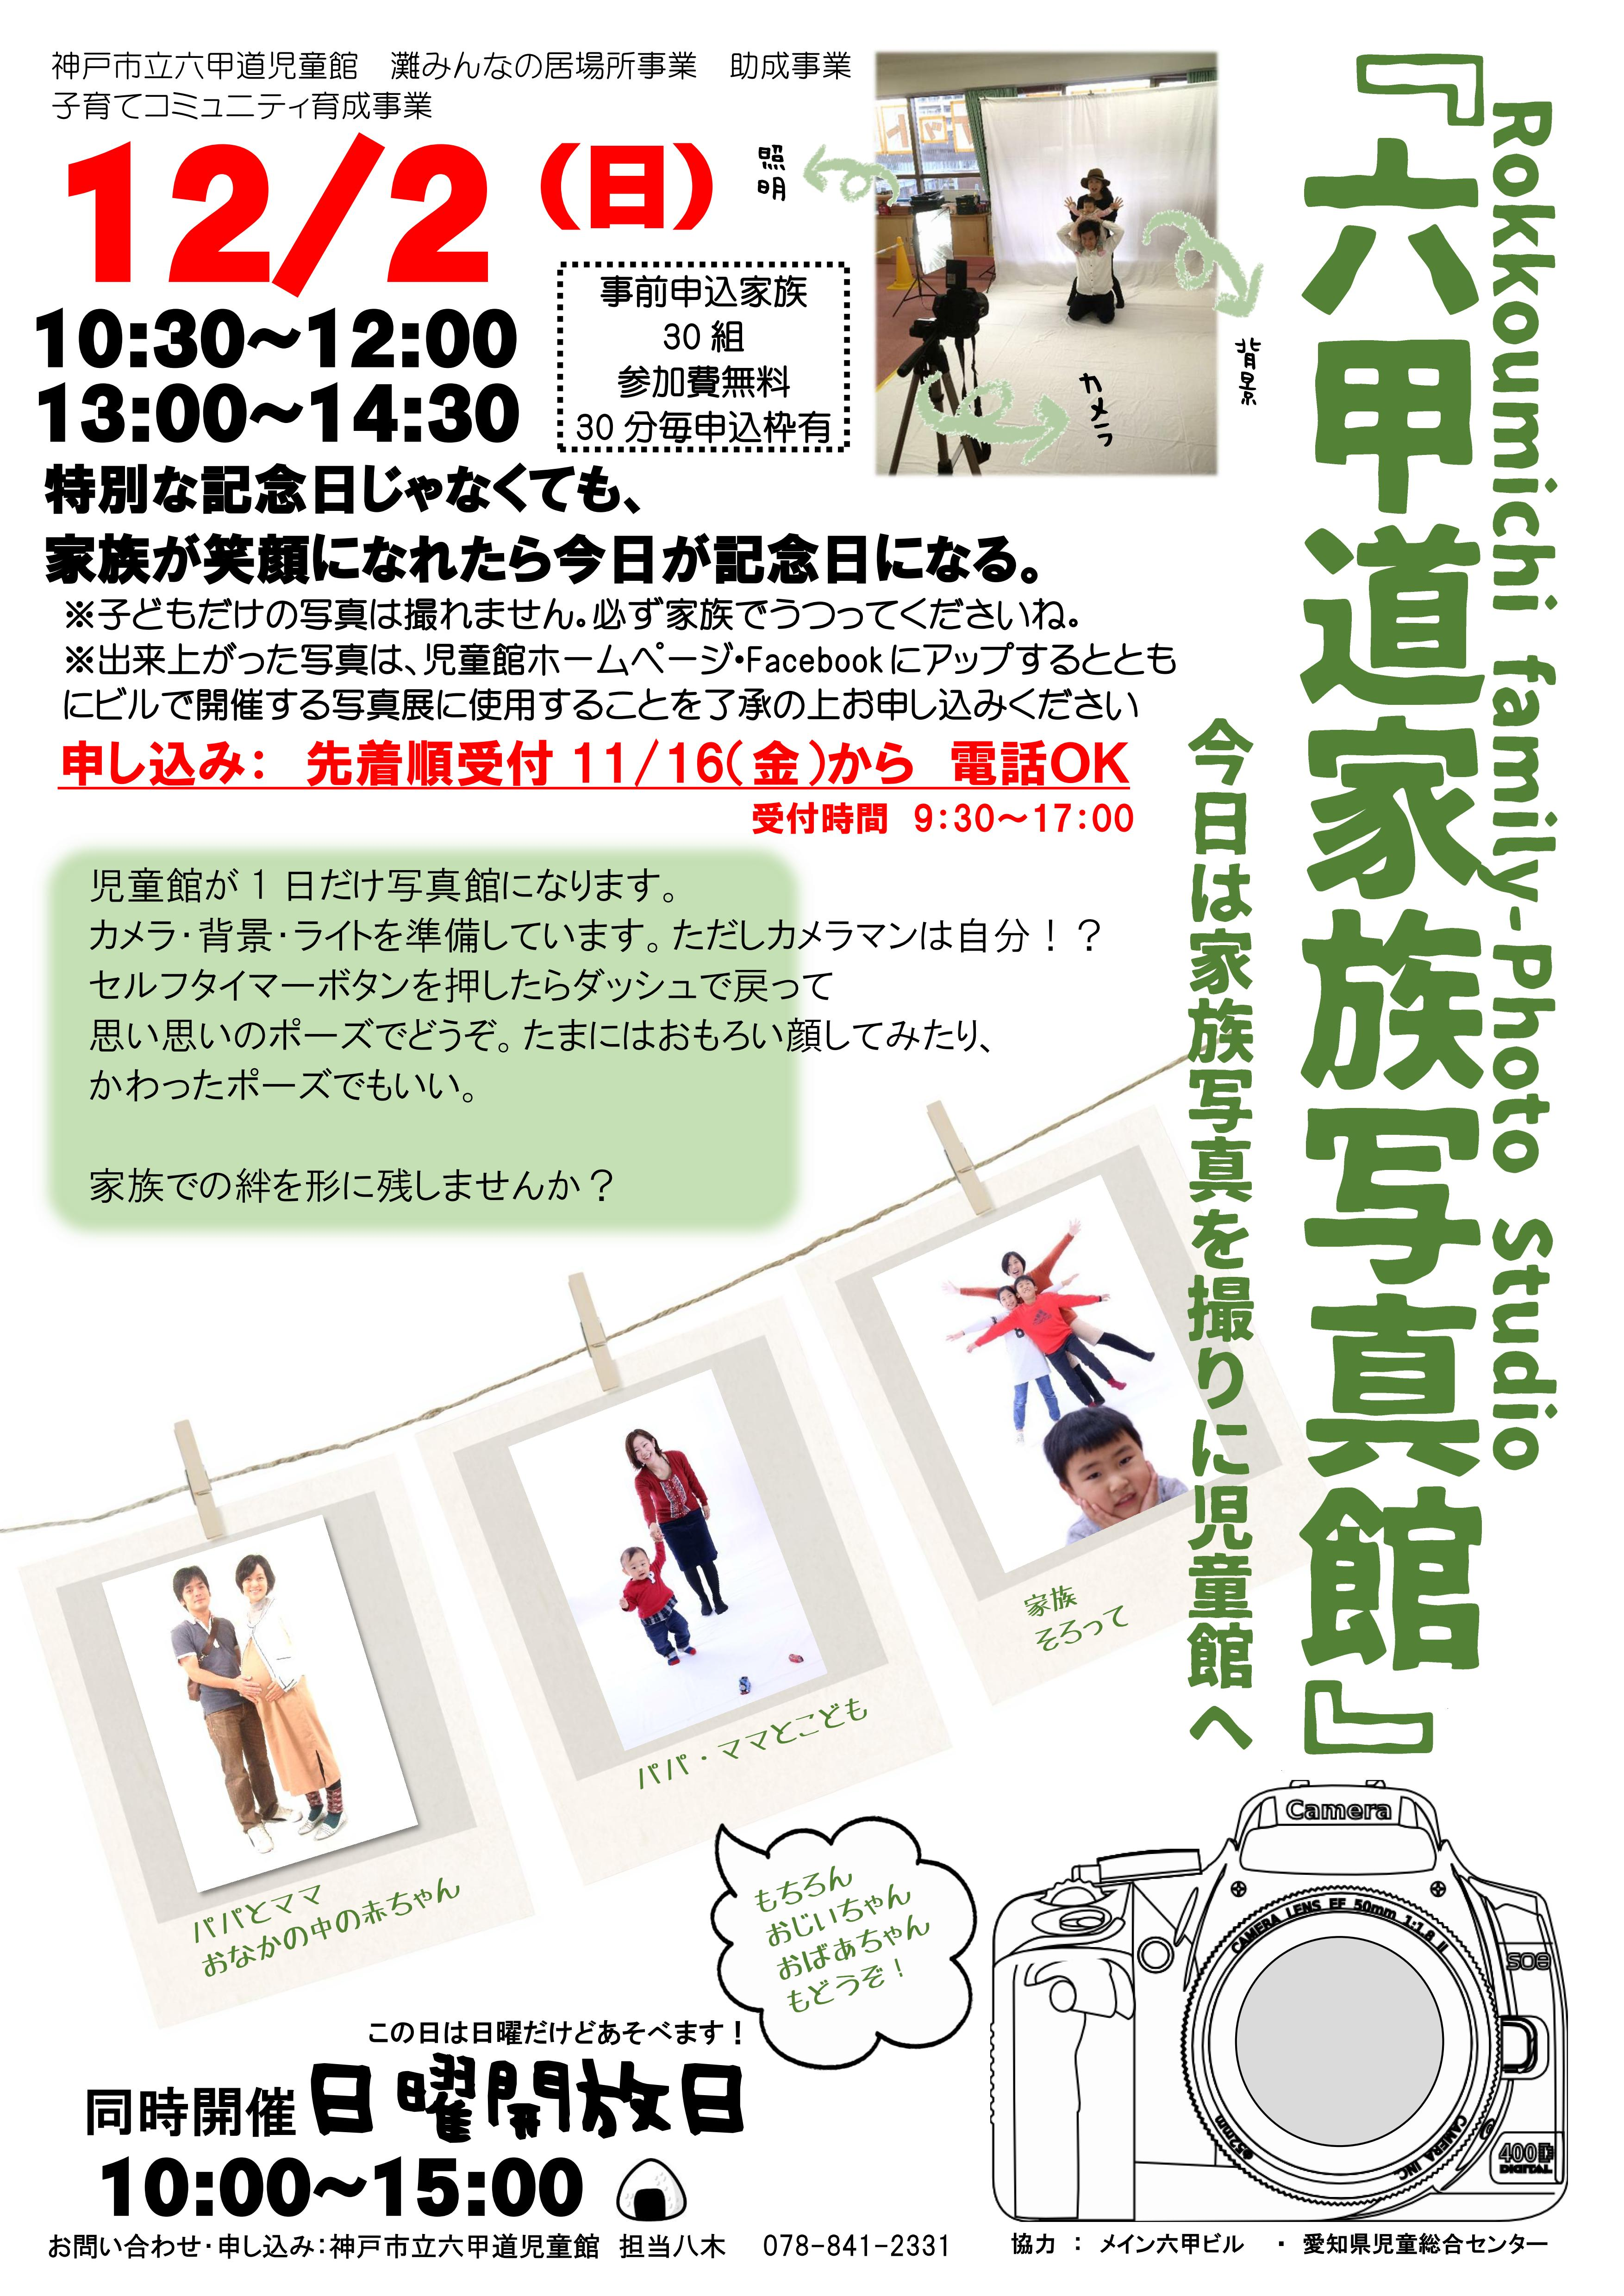 神戸市立六甲道児童館『六甲道家族写真館・日曜開放』のお知らせ